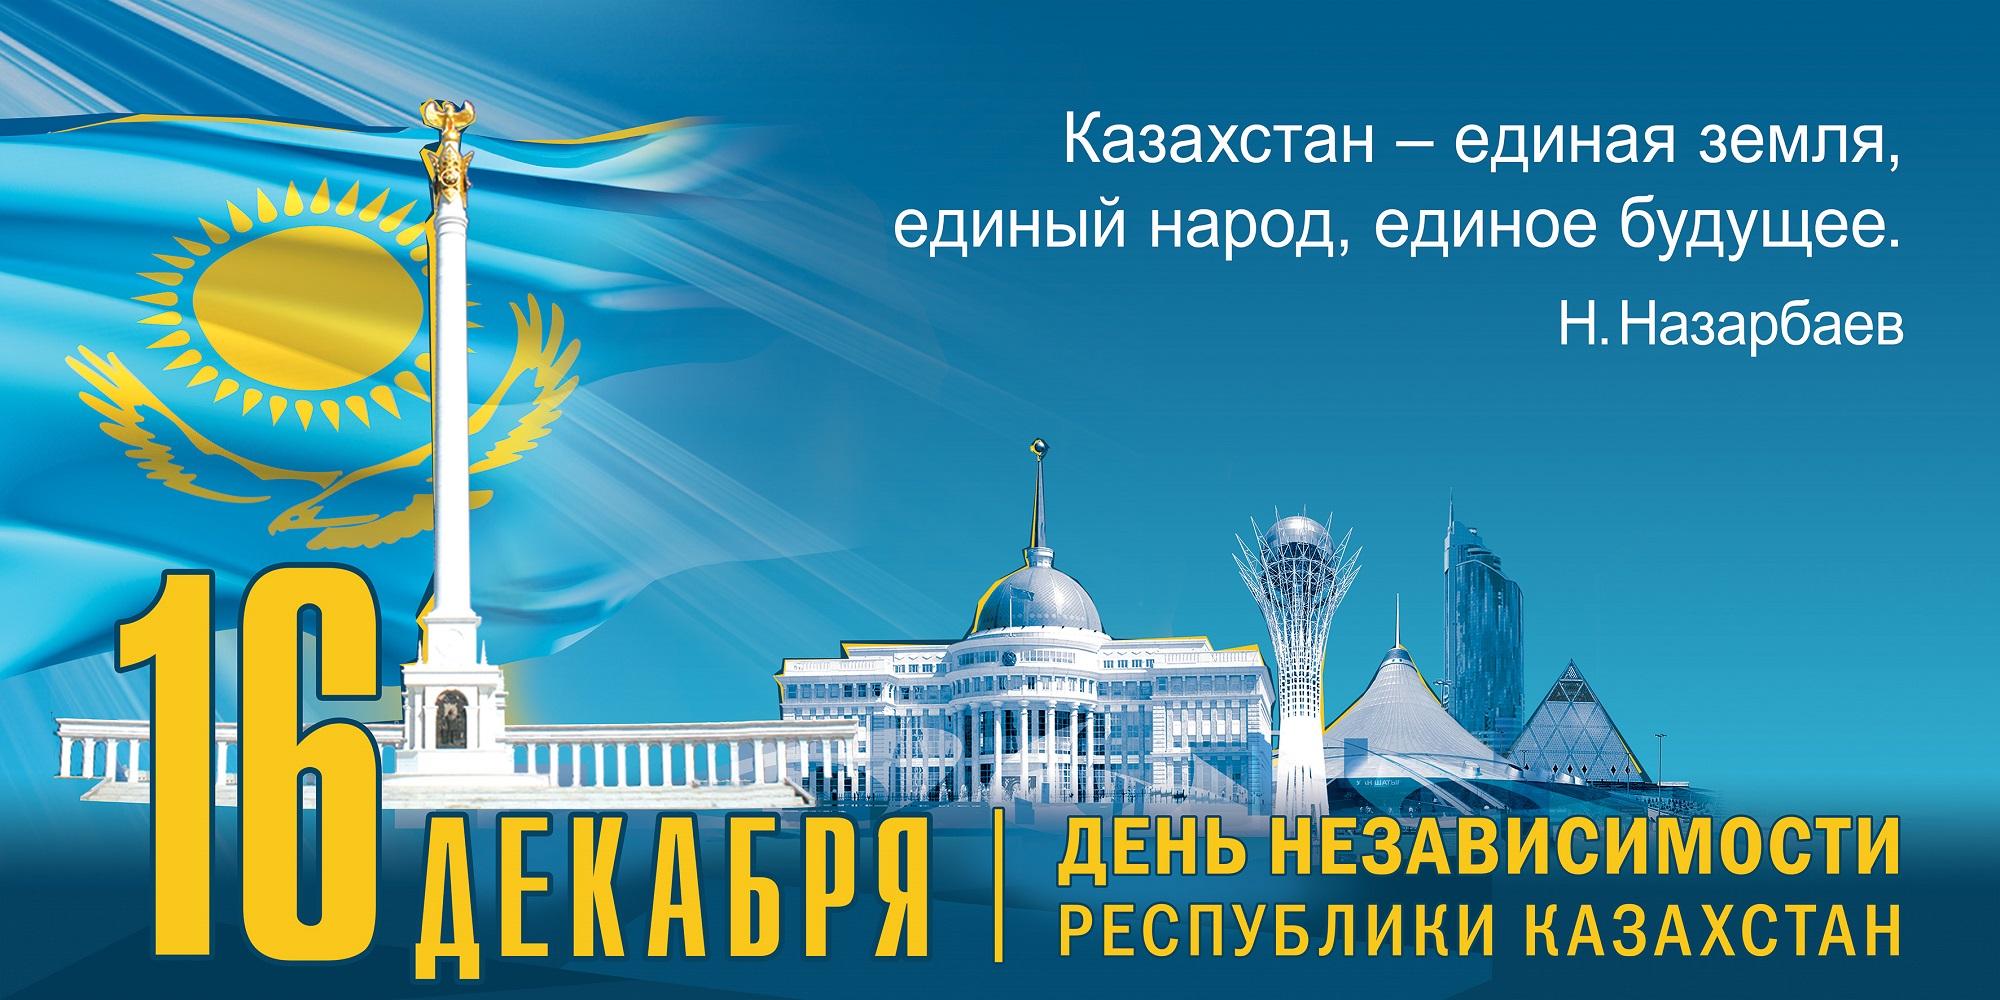 Открытки на дню независимости казахстана